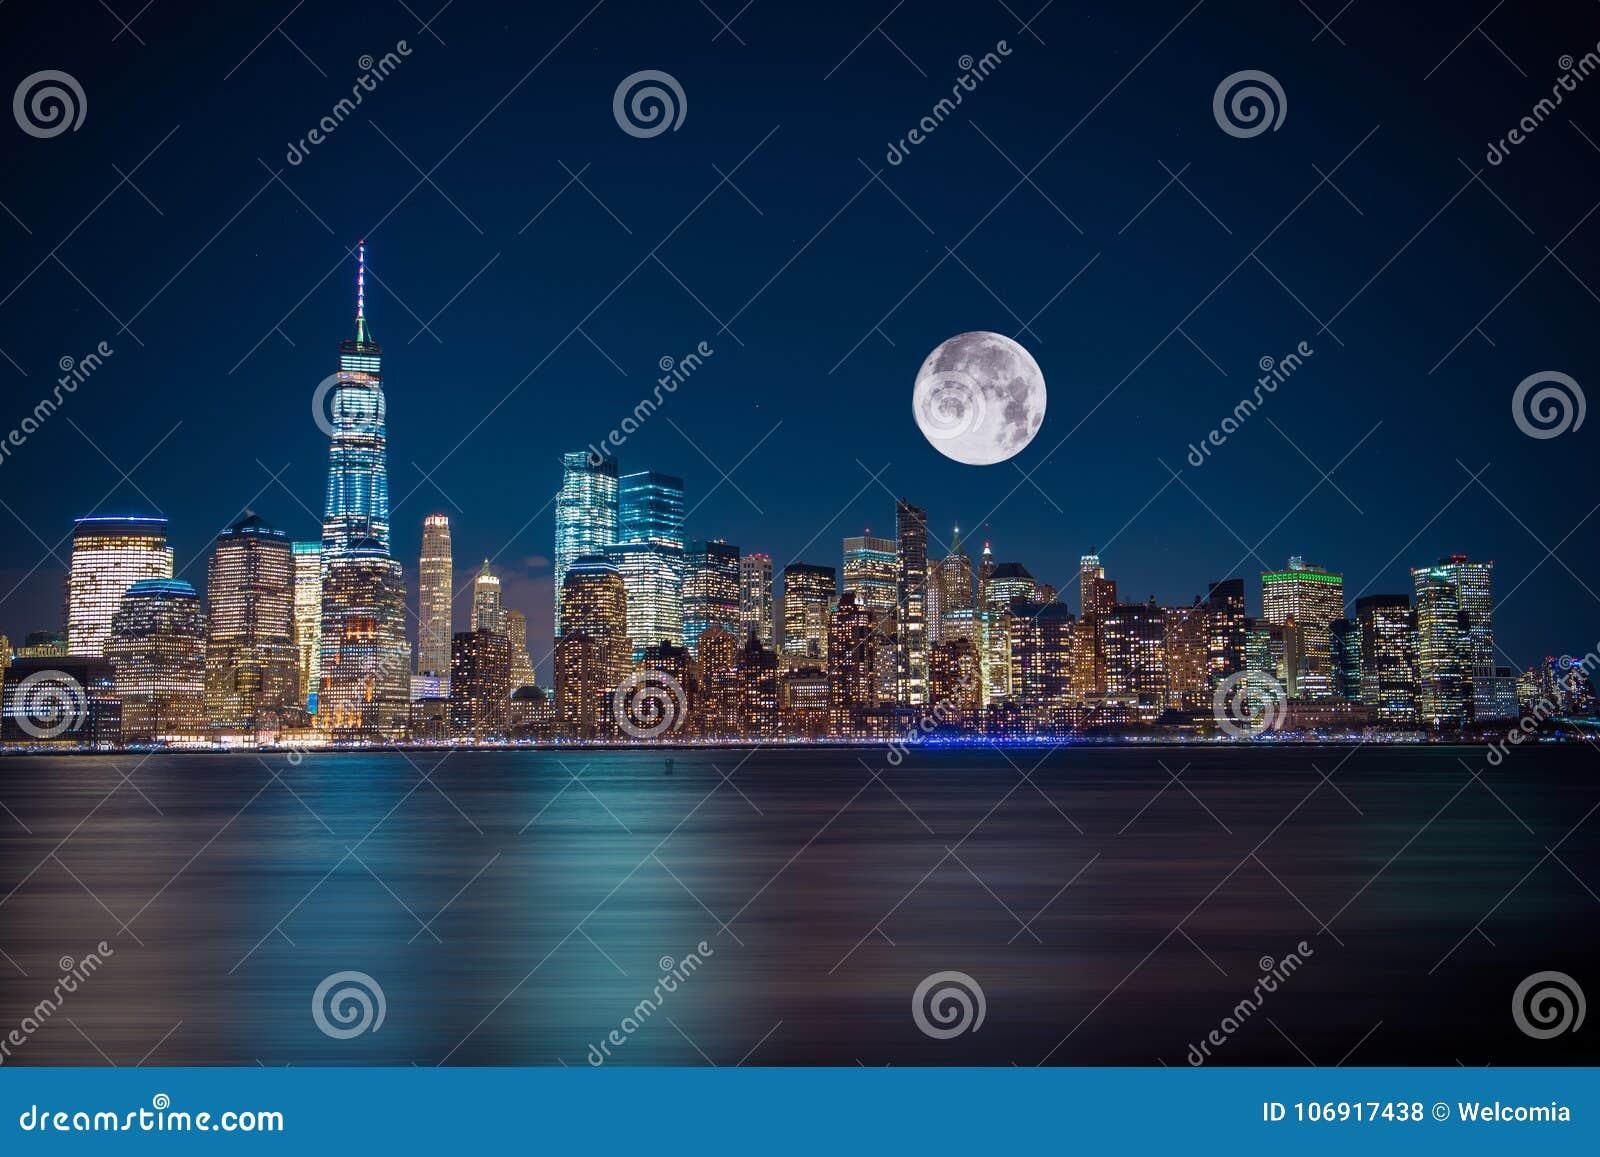 Miasto Nowy Jork blask księżyca